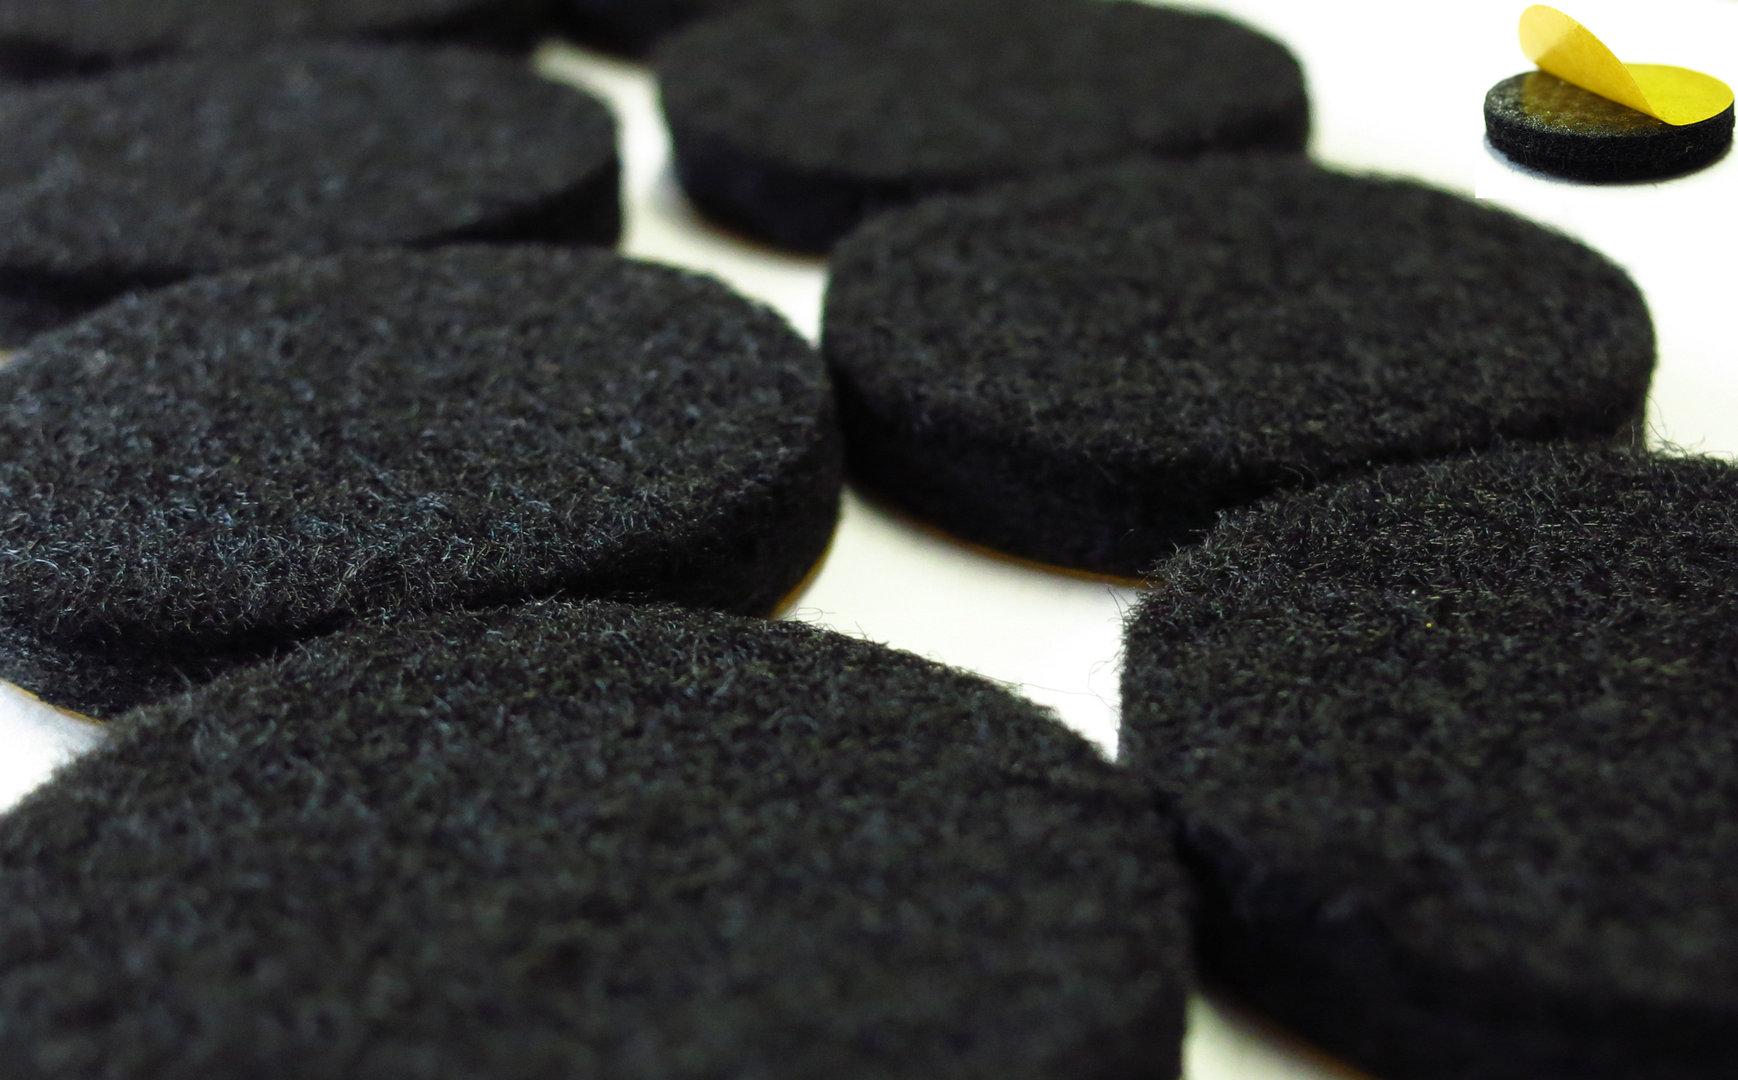 Filzgleiter rund Ø15mm bis 62mm, 6mm dick, selbstklebend | schwarz | Stuhlgleiter Möbelgleiter